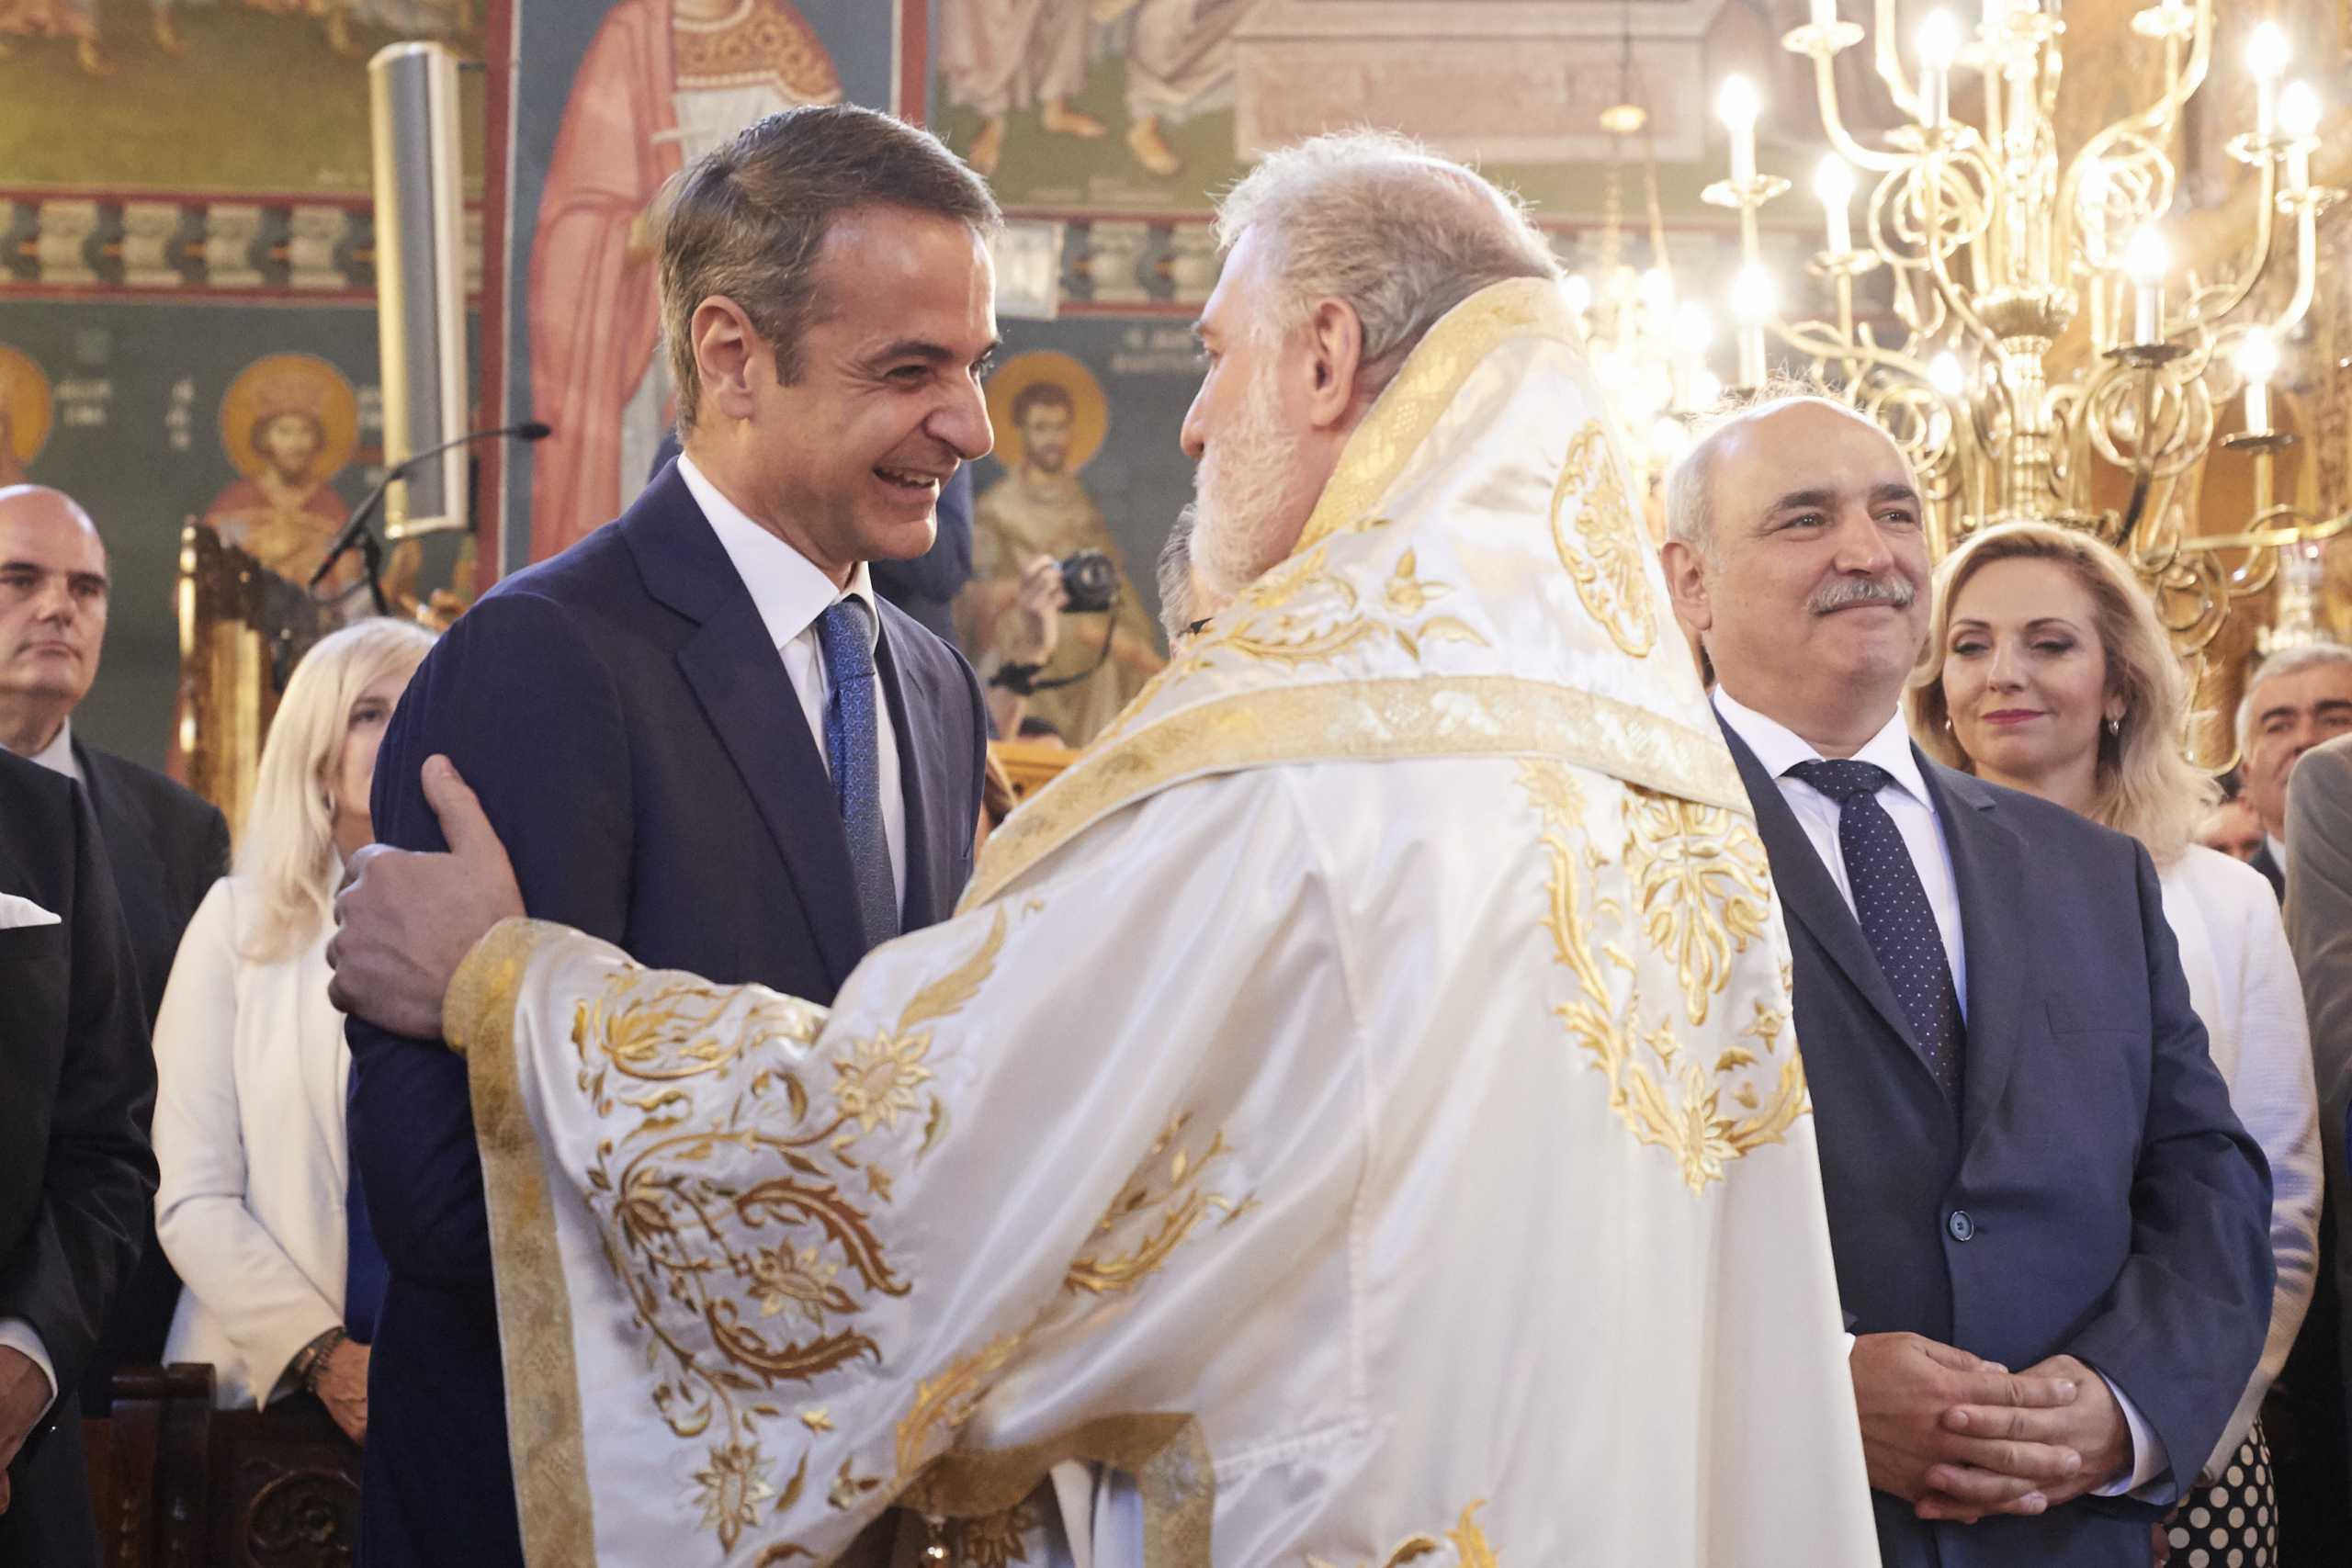 Χωρίς τον Αρχιεπίσκοπο Αμερικής Ελπιδοφόρο η δεξίωση της ομογένειας στον πρωθυπουργό